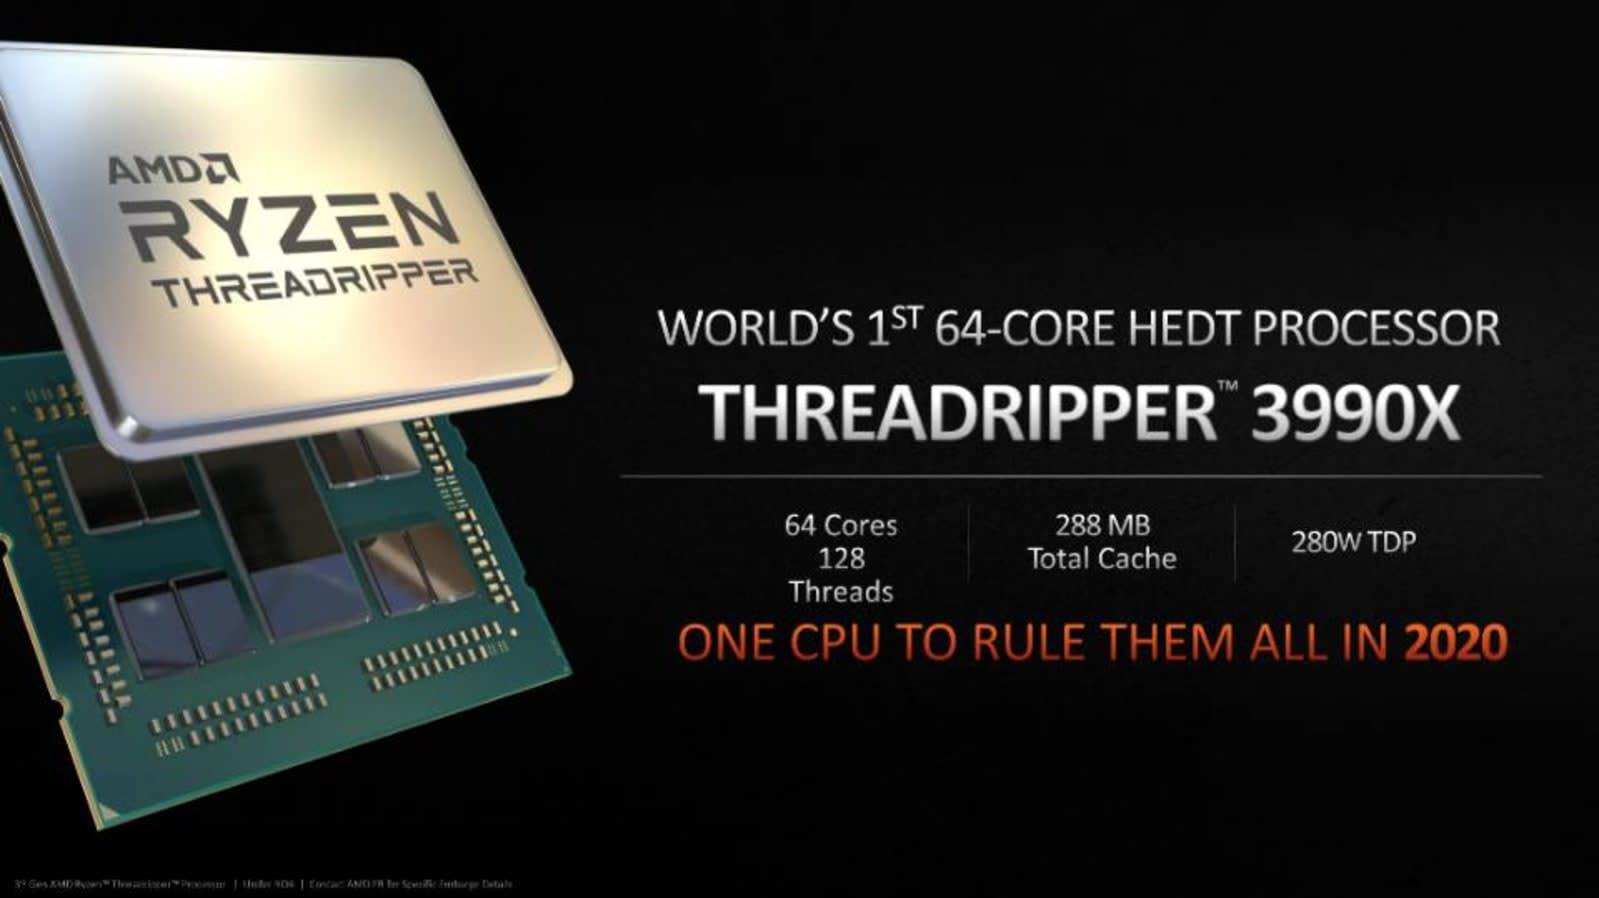 AMD Threadripper 3990X 64-core CPU